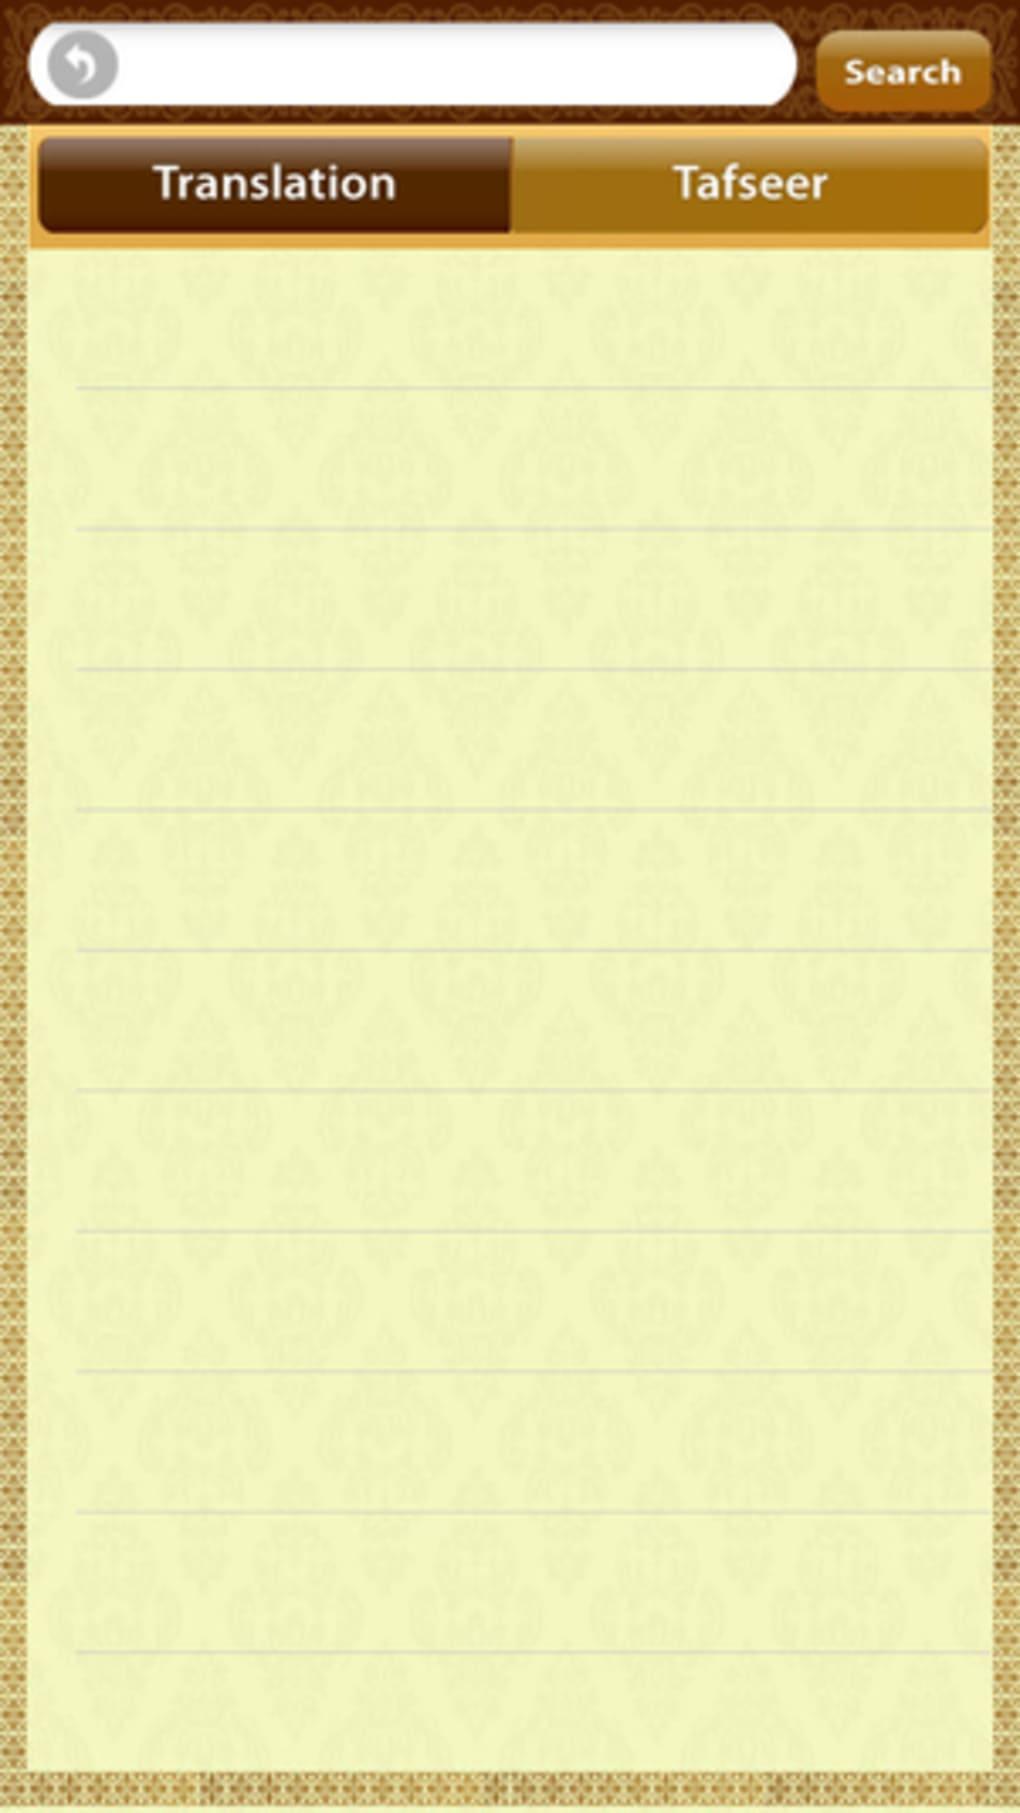 Al-Quran Karim for iPhone - Download